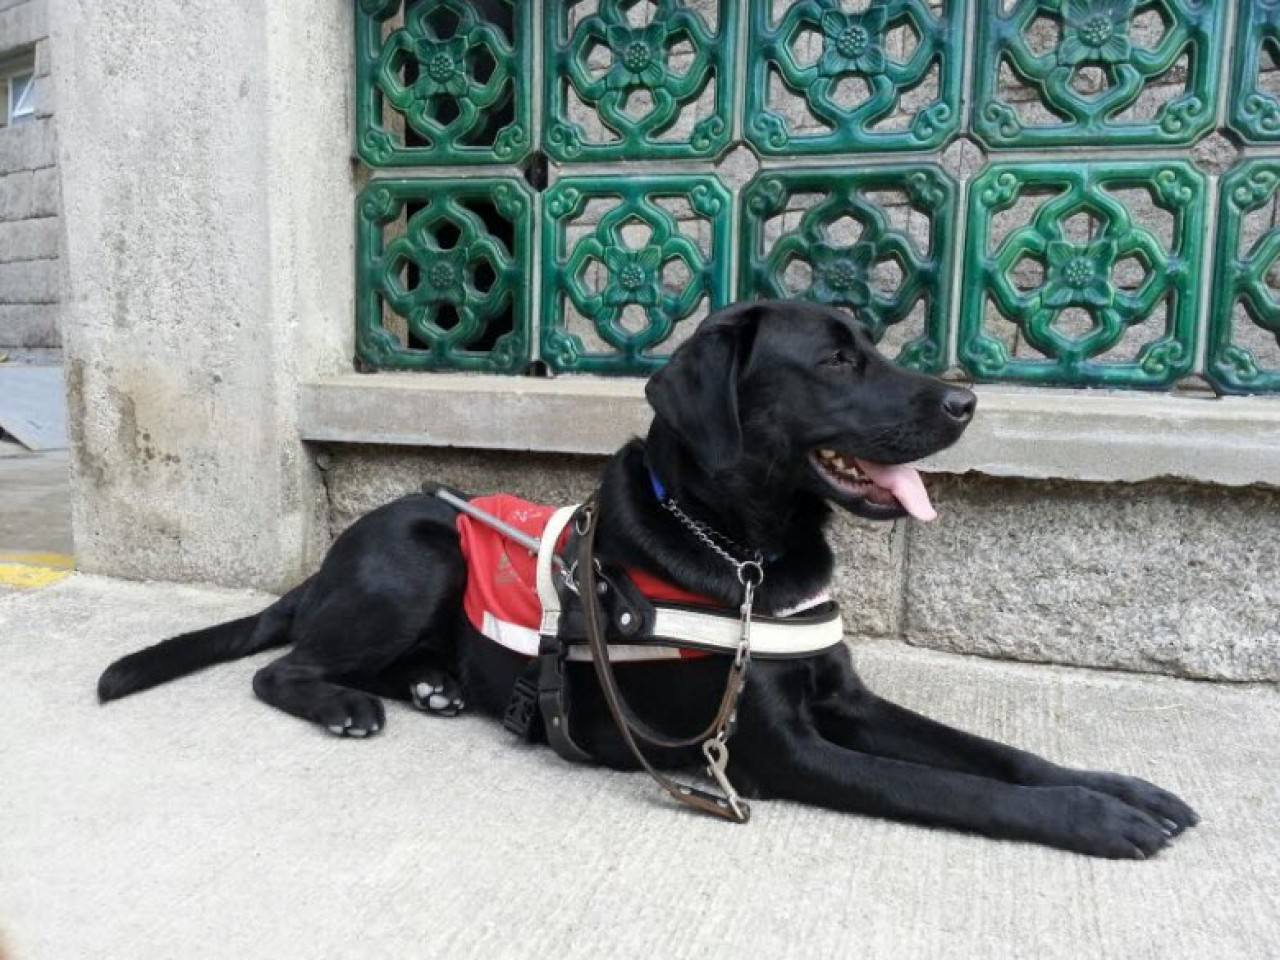 香港導盲犬服務中心的中心經理曾國樹表示,導盲犬於港鐵裏受訓是重要一環。(香港導盲犬服務中心網站圖片)